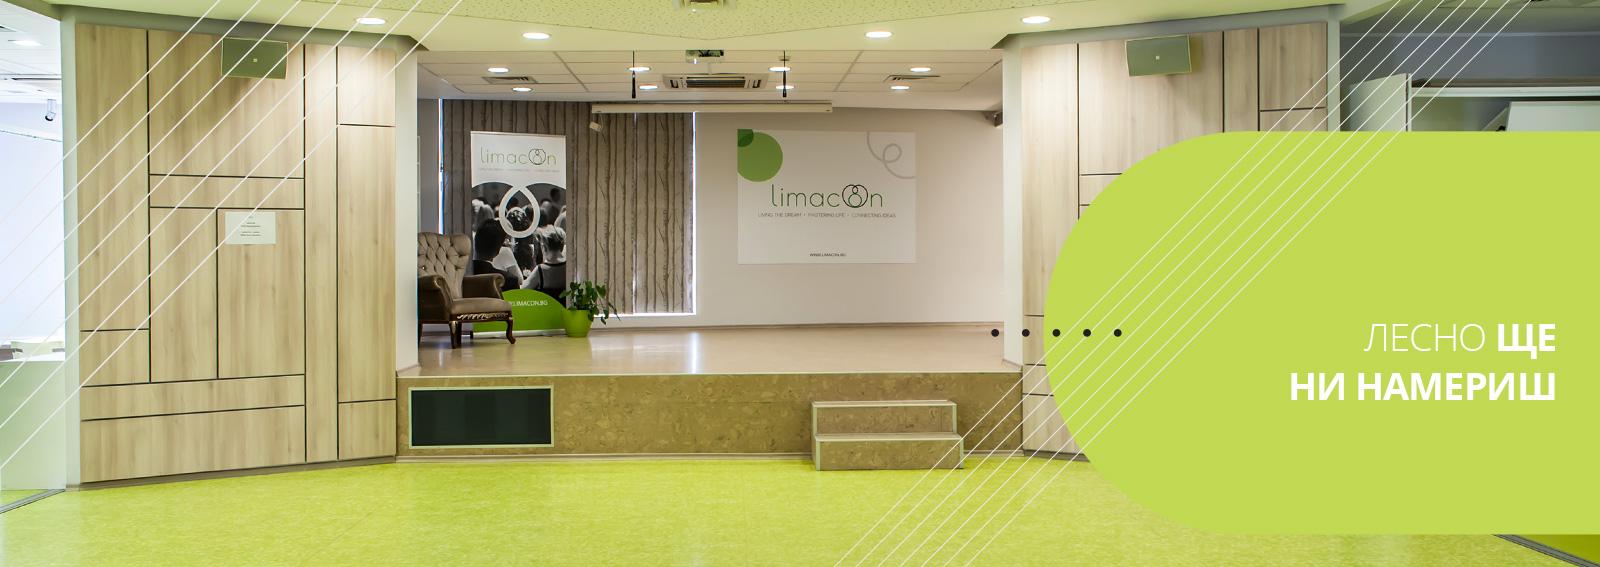 Ако имате каквито и да е било въпроси, свържете се с нас, Limacon Team